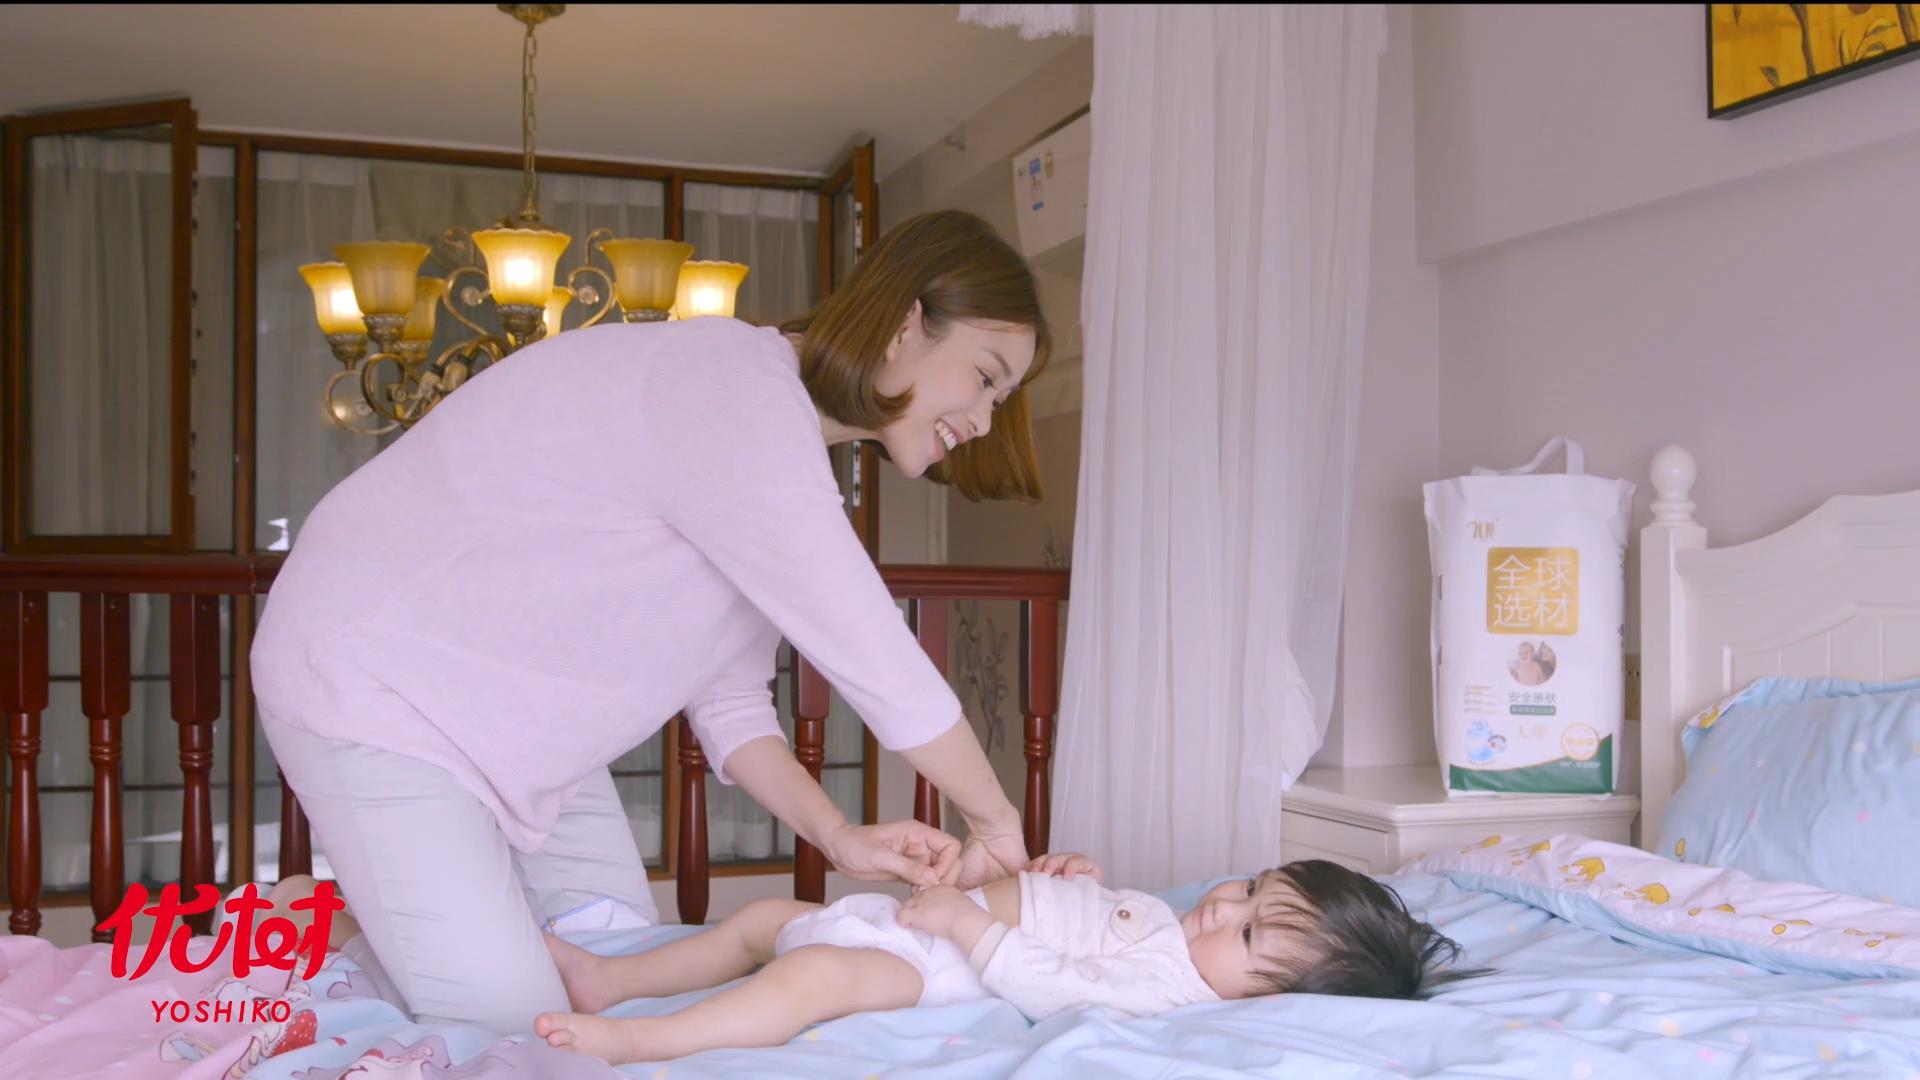 优树育儿:纸尿裤尺码更换不及时,竟然影响宝宝生长发育